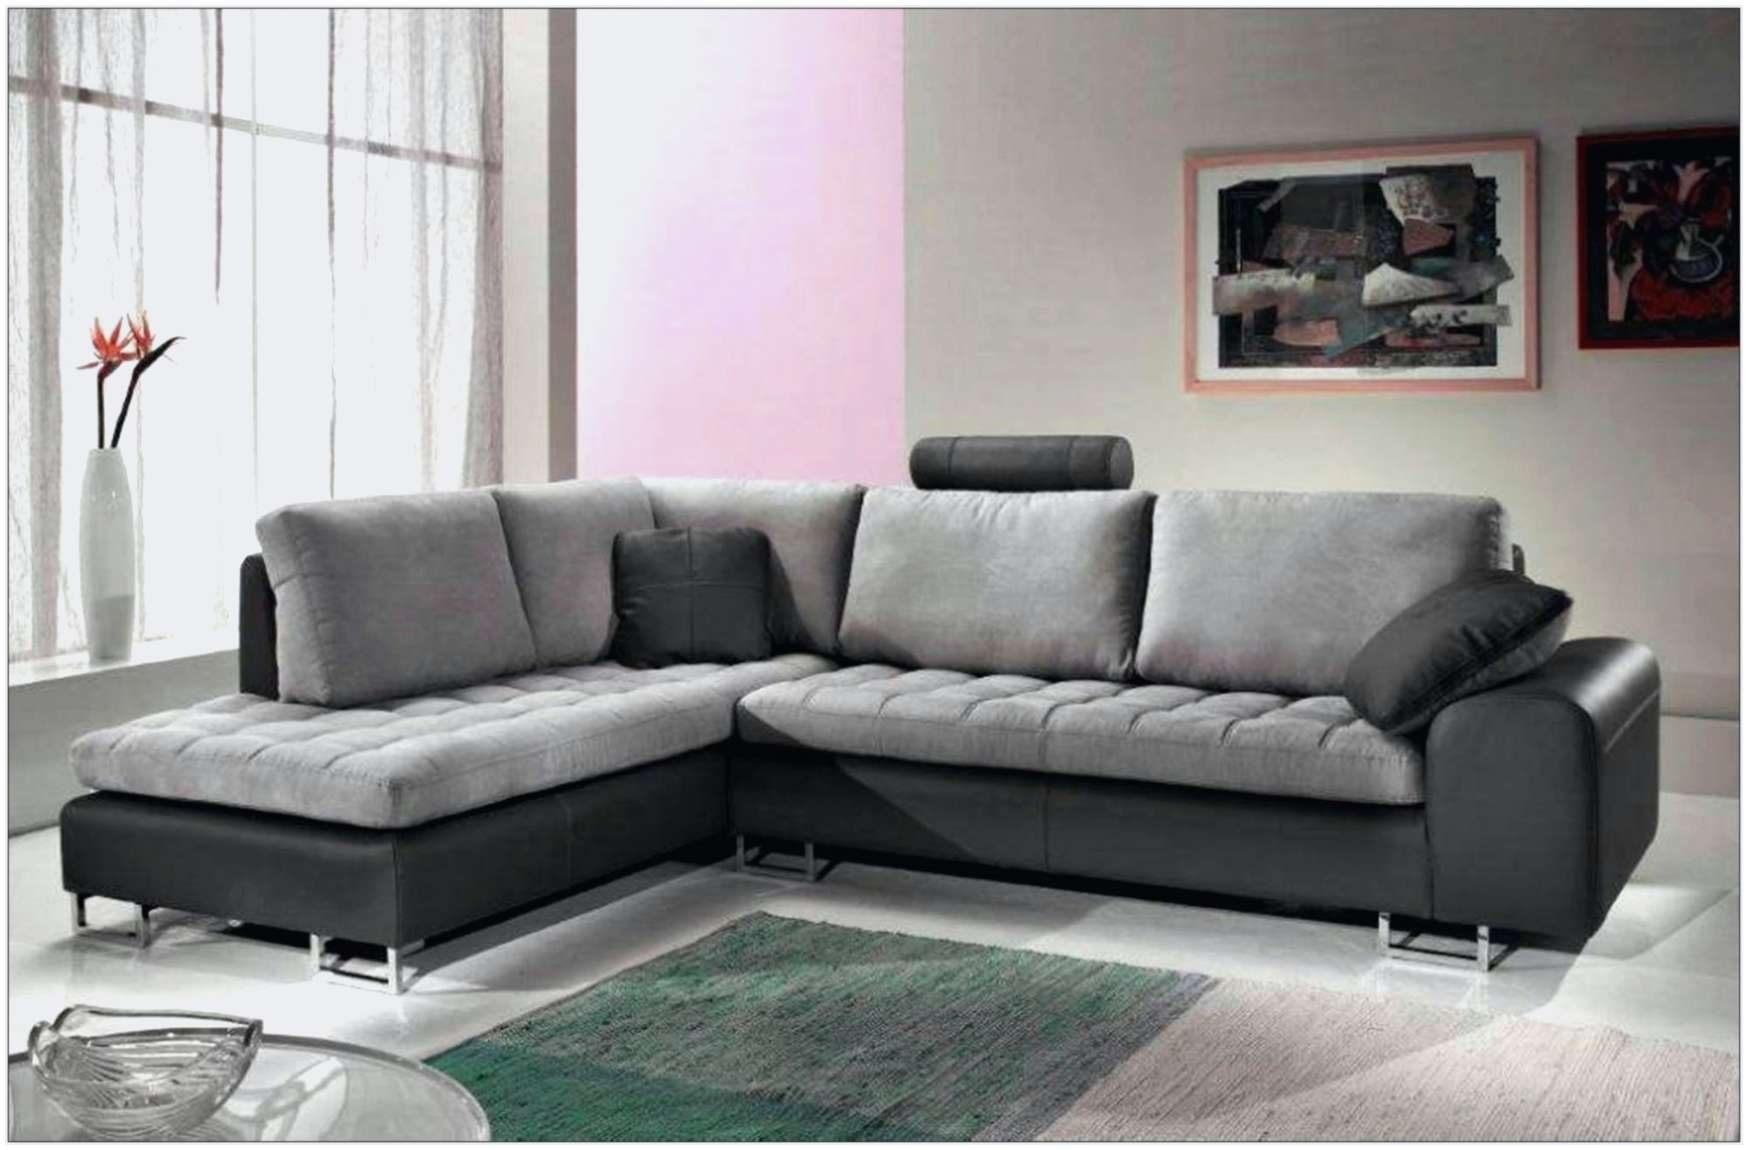 Ikea Canapé Lit Convertible Frais Beau Canapé D Angle — Puredebrideur Pour Alternative Canapé Angle